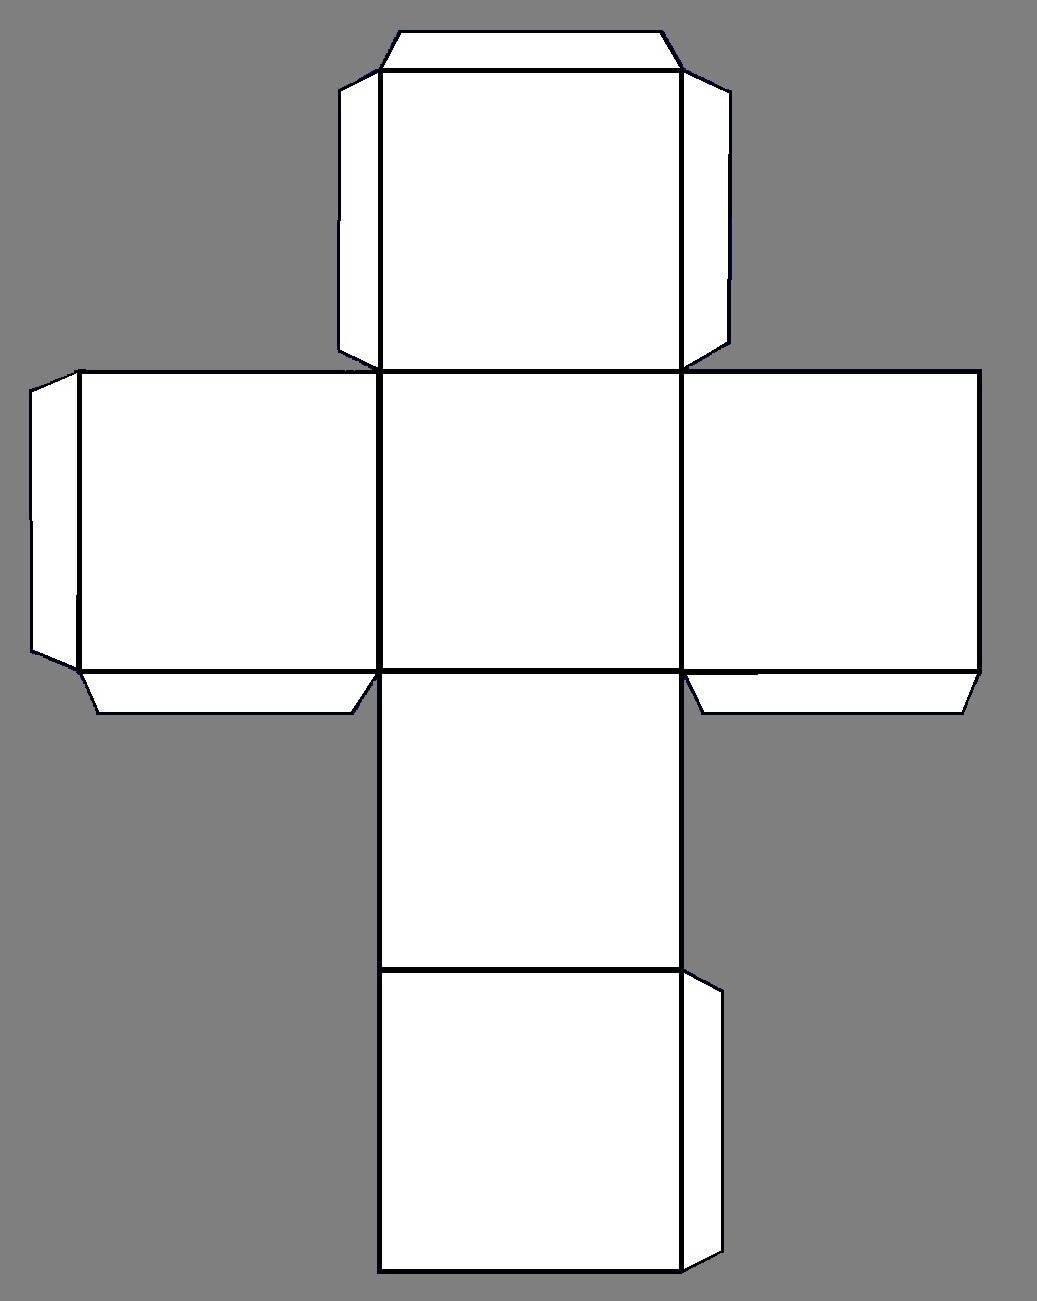 Как из прямоугольной картинки сделать квадратную